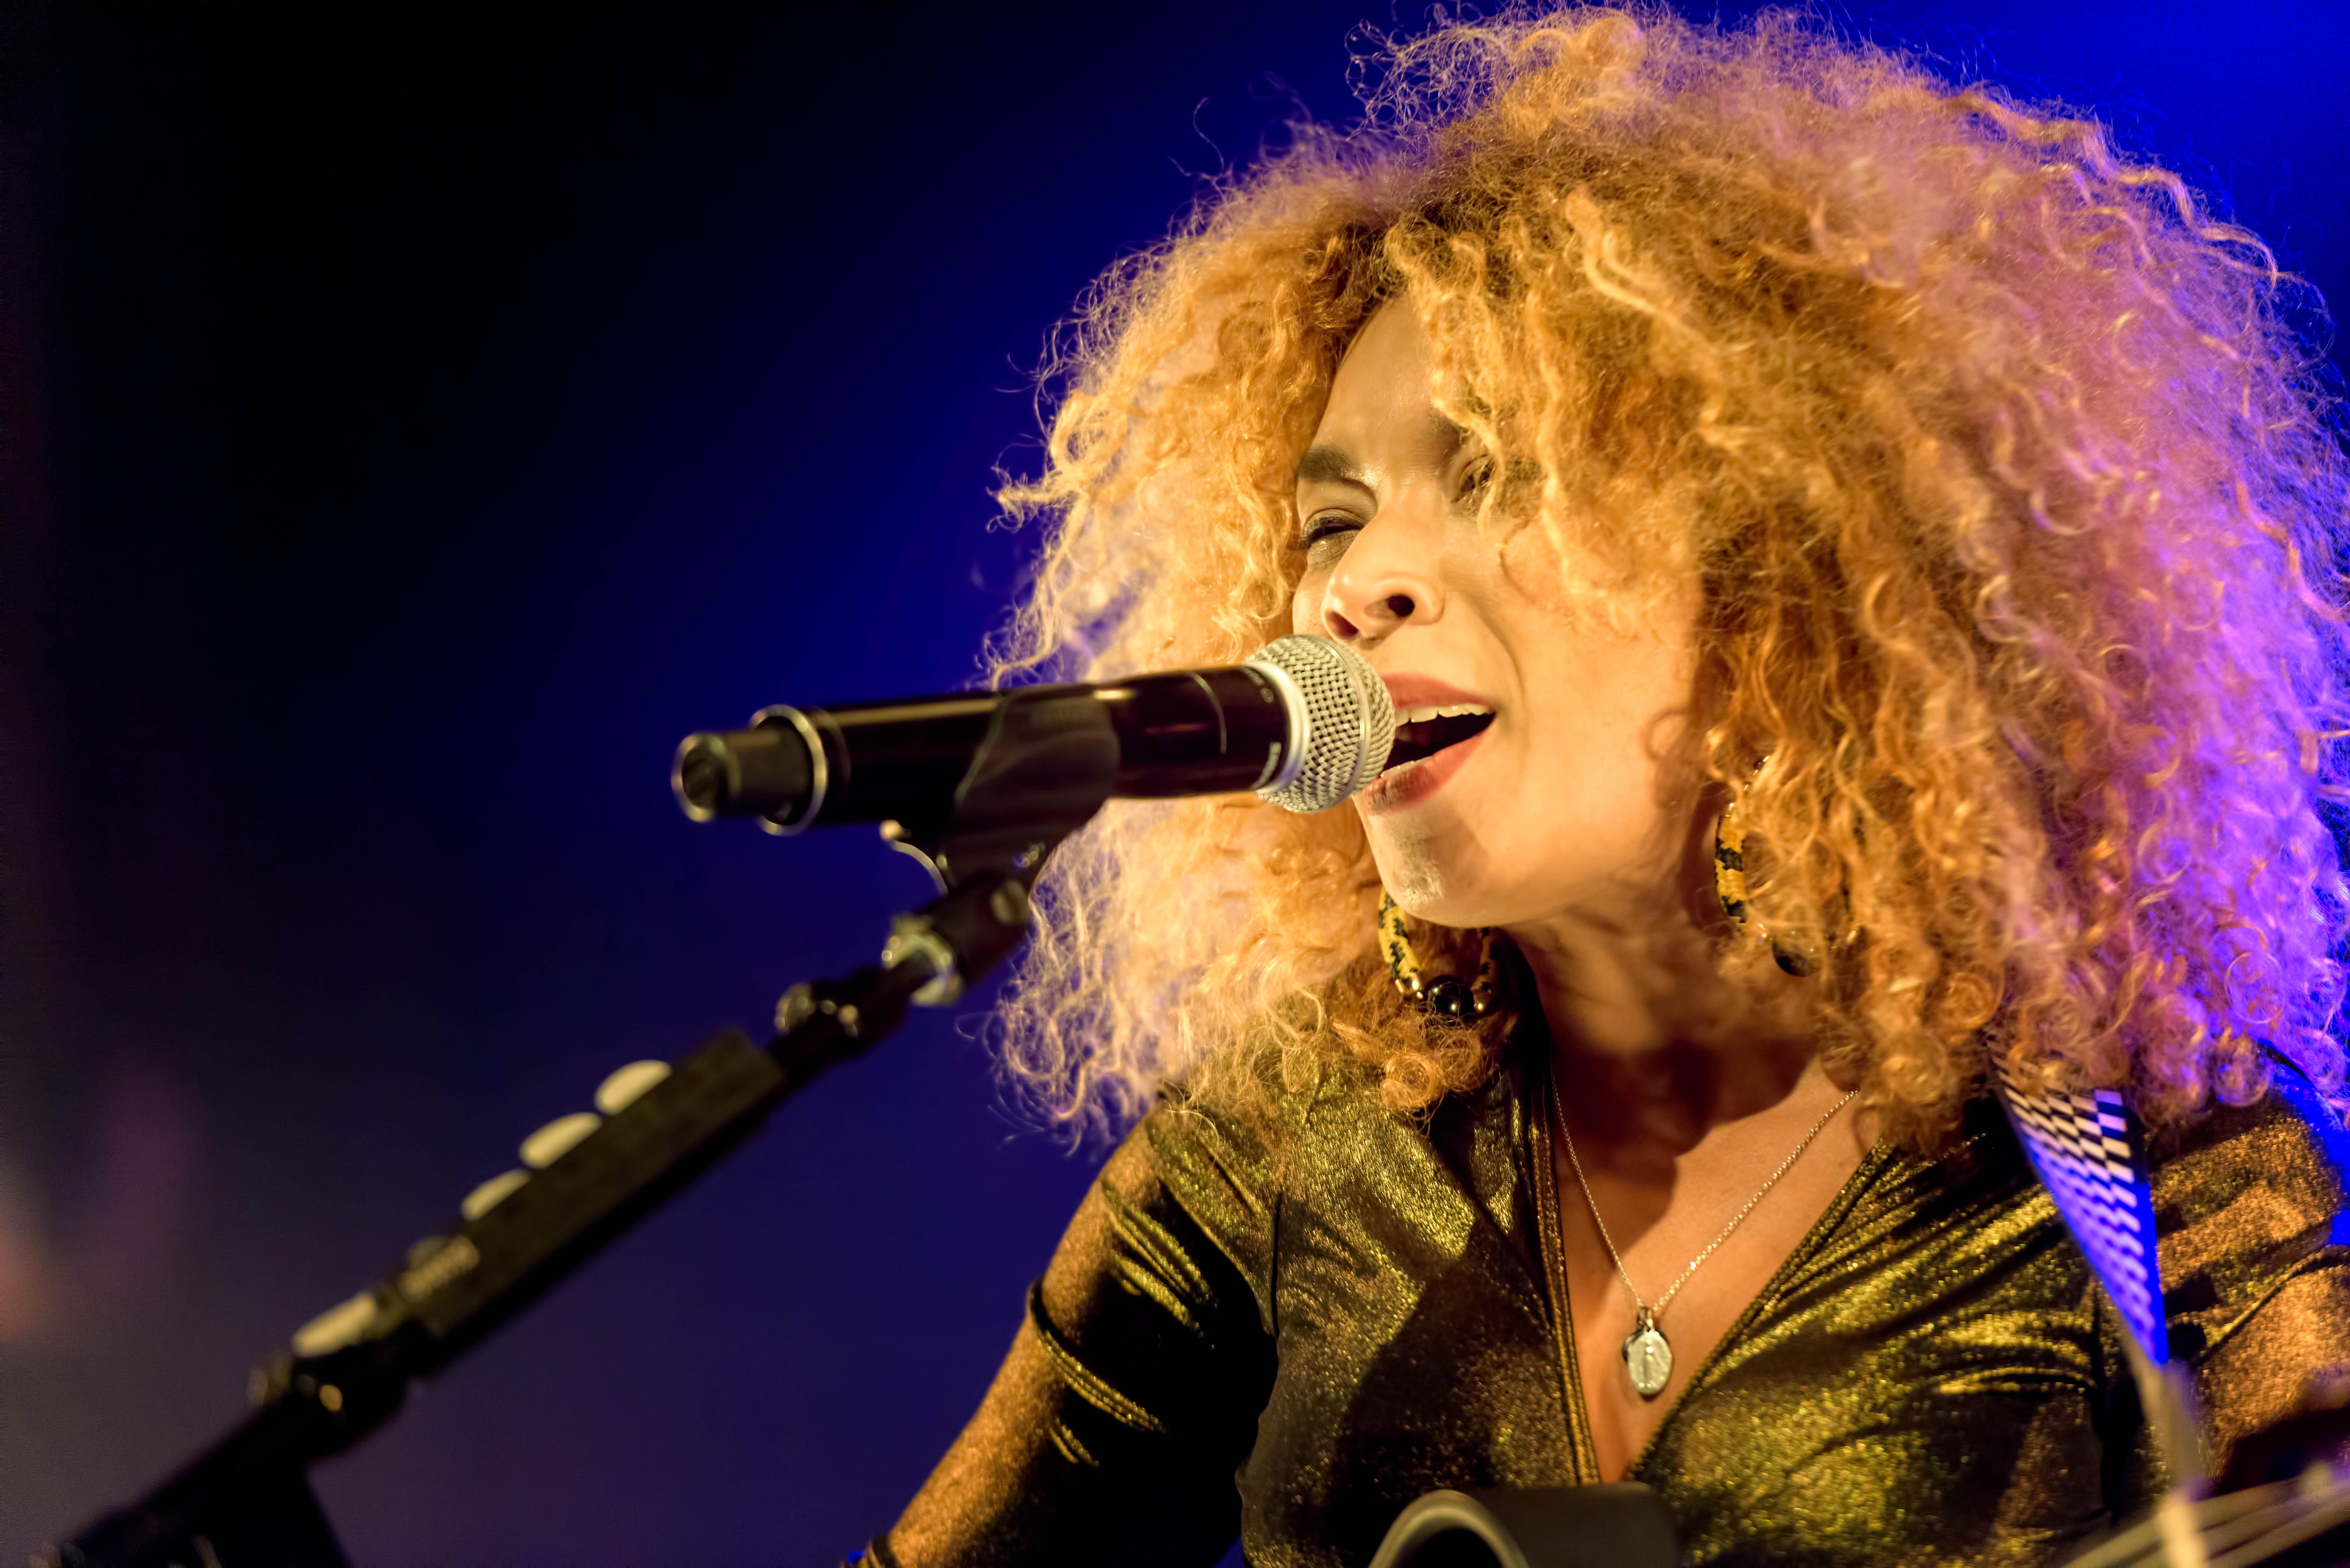 Flavia Coelho: A Brazilian Soul